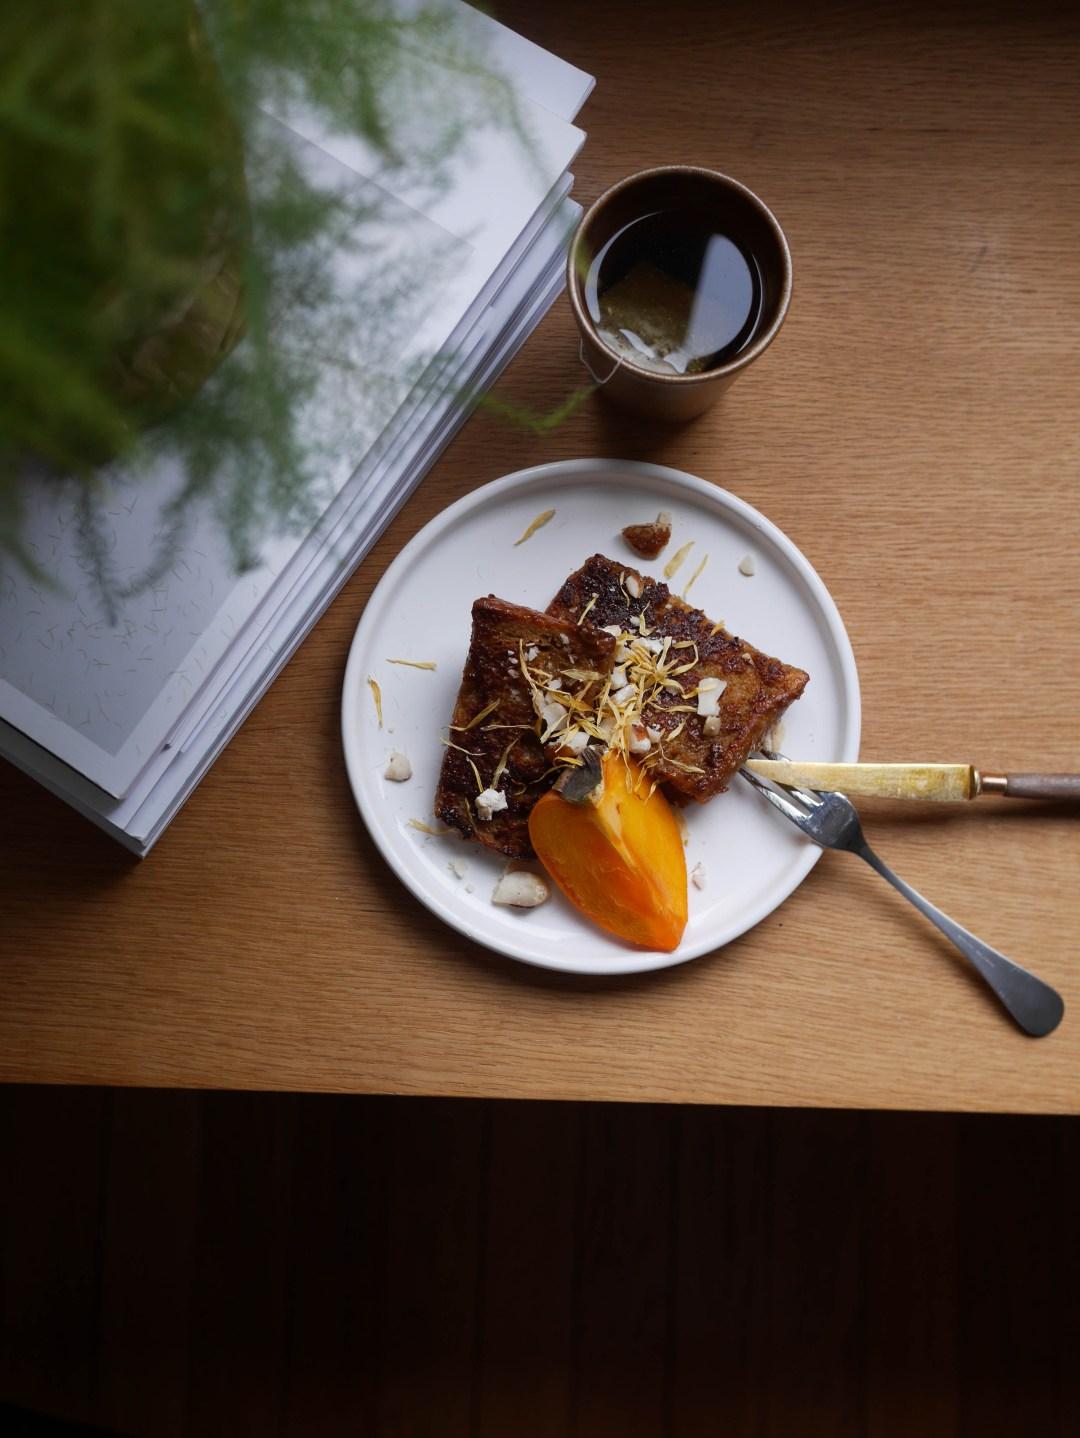 pain-perdu-épices-chaï-kaki-idées-brunch-woodmoodfood-marina-rodrigues-catering-annecy-genève-2